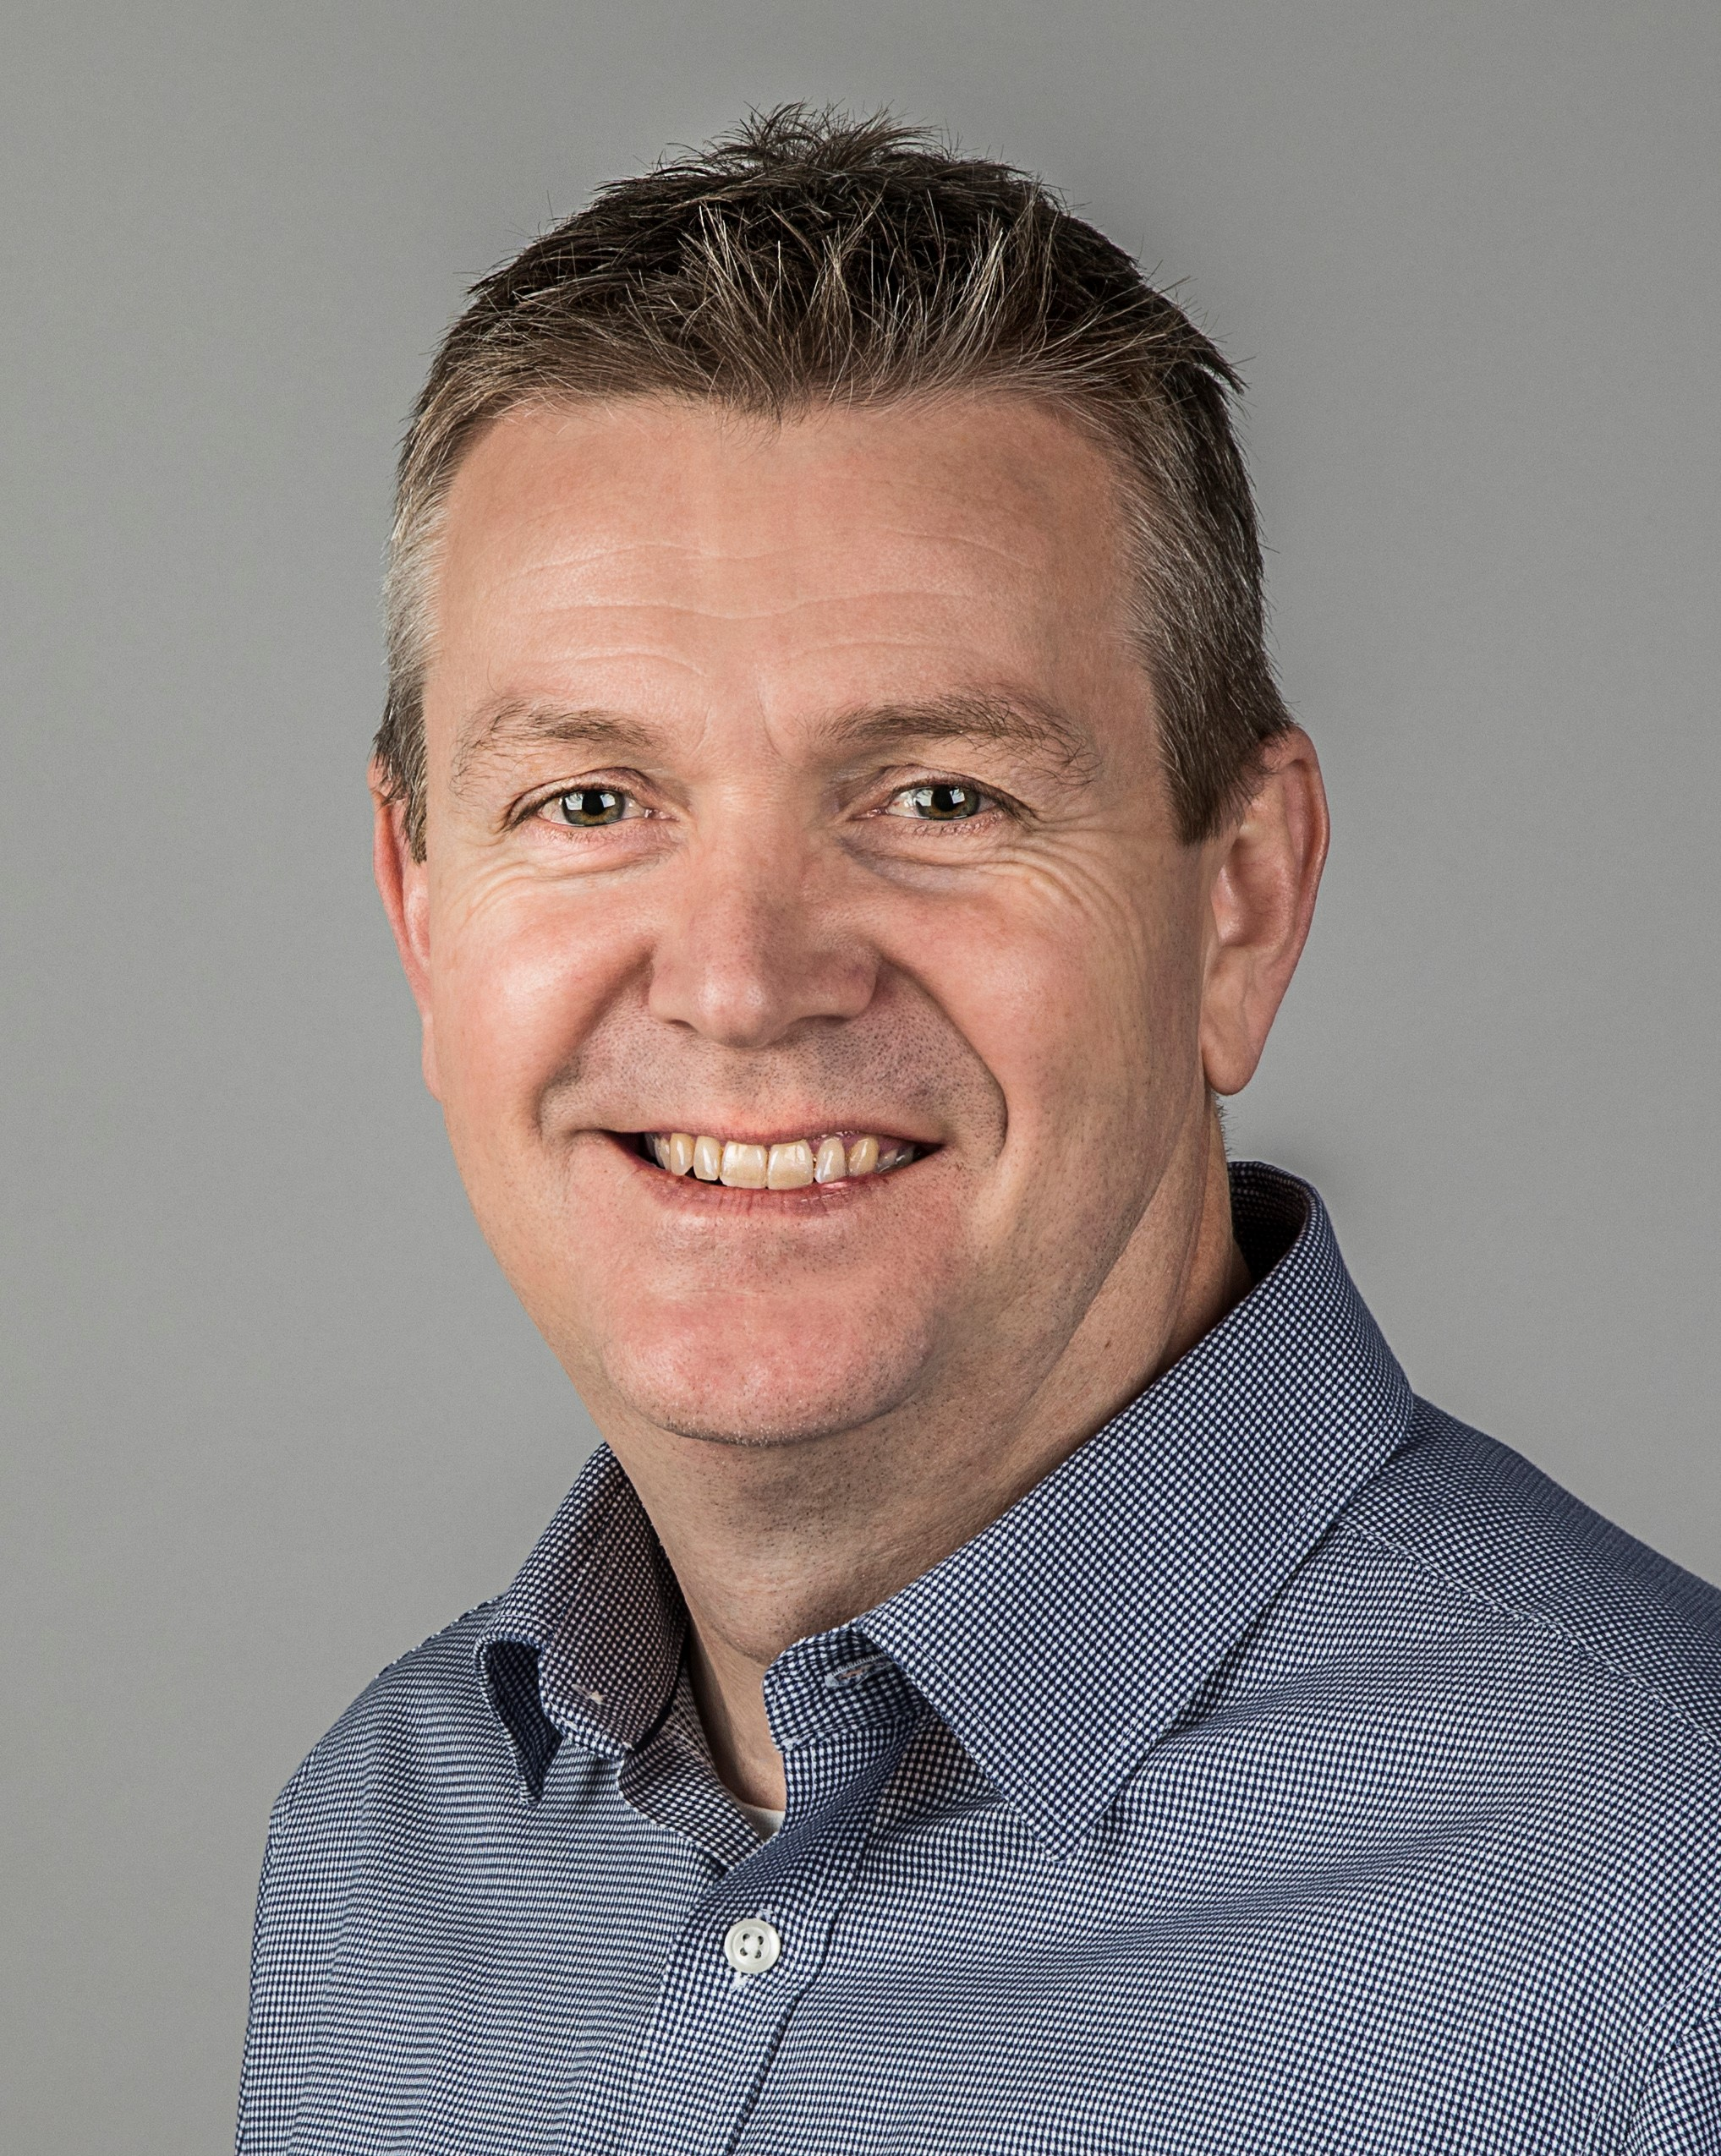 Stewart Hawthorn